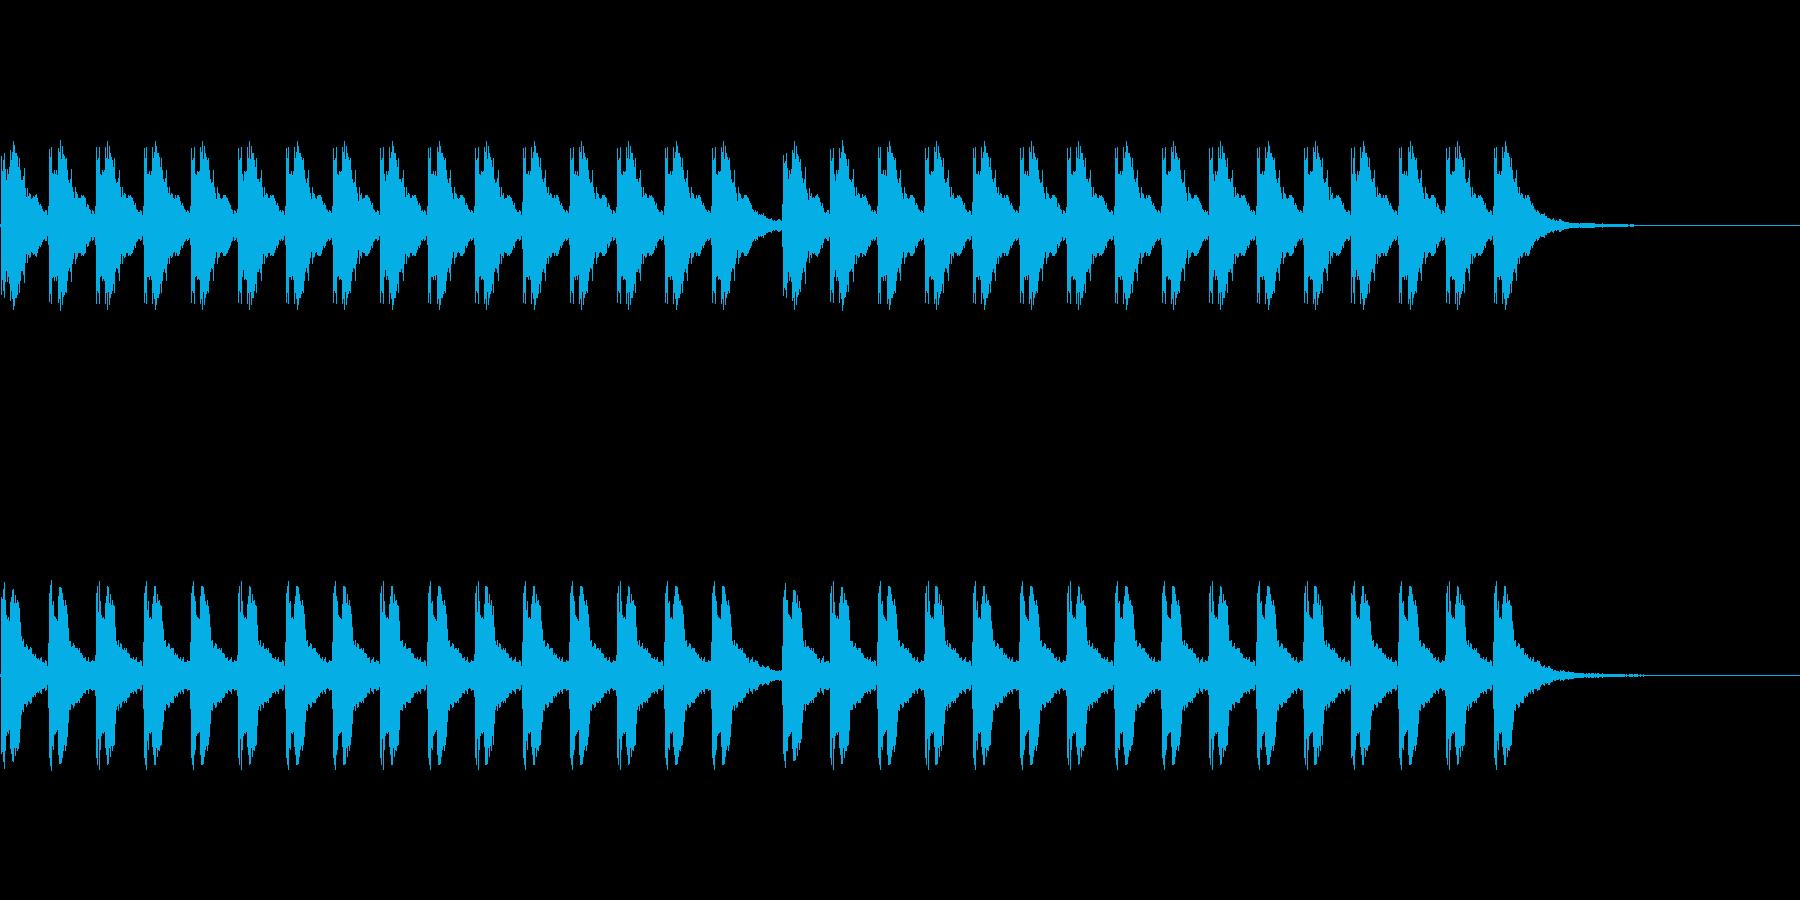 ビービービービー(警報が鳴る音)の再生済みの波形